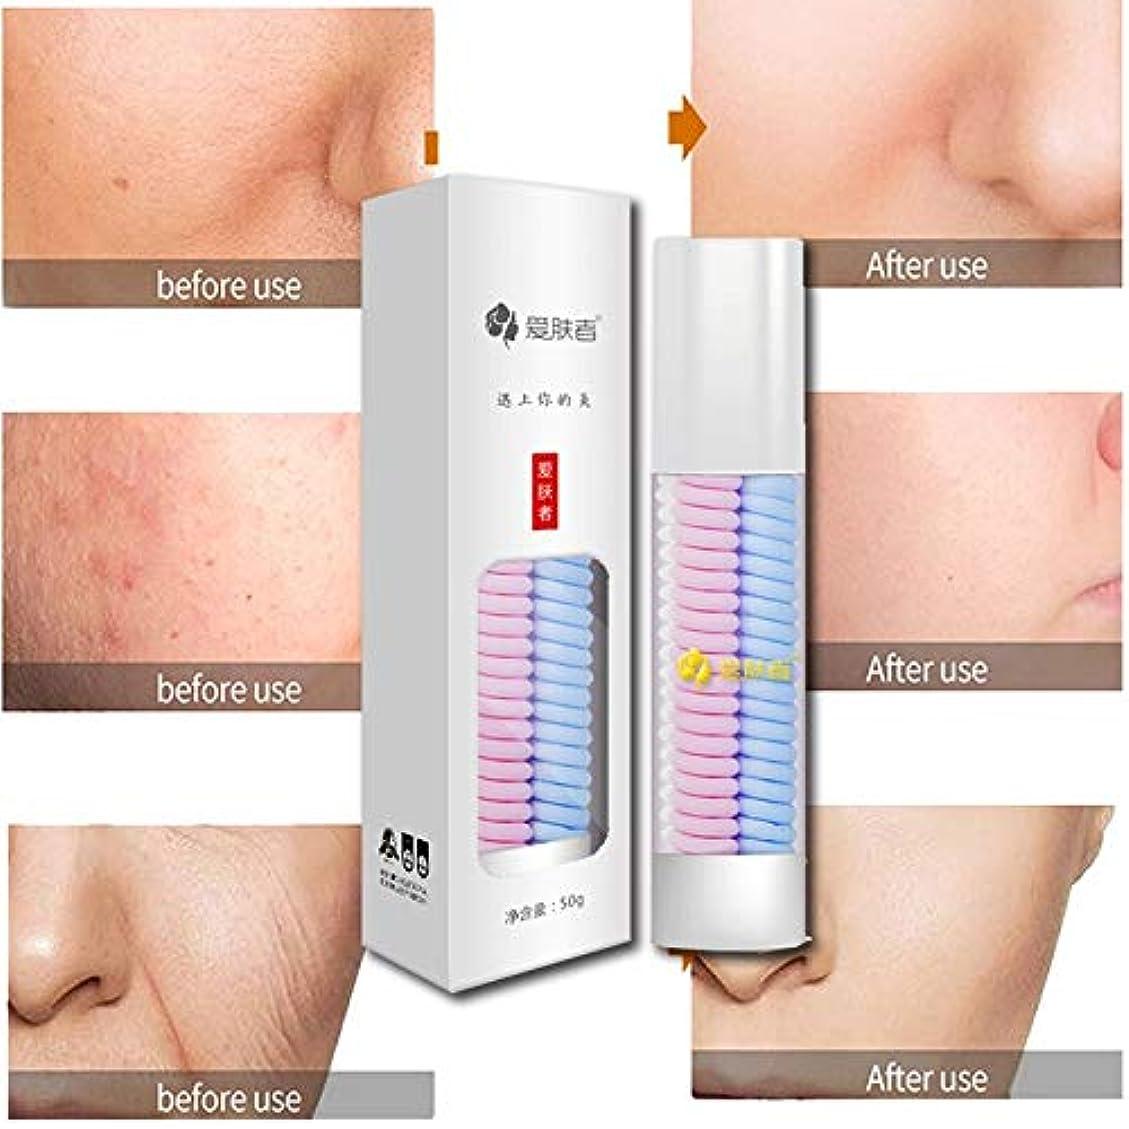 させる漏れ明快保湿顔寧クリームの電子抗しわ年齢ケアのRIR cremasはhidratante顔面edad抗faciales